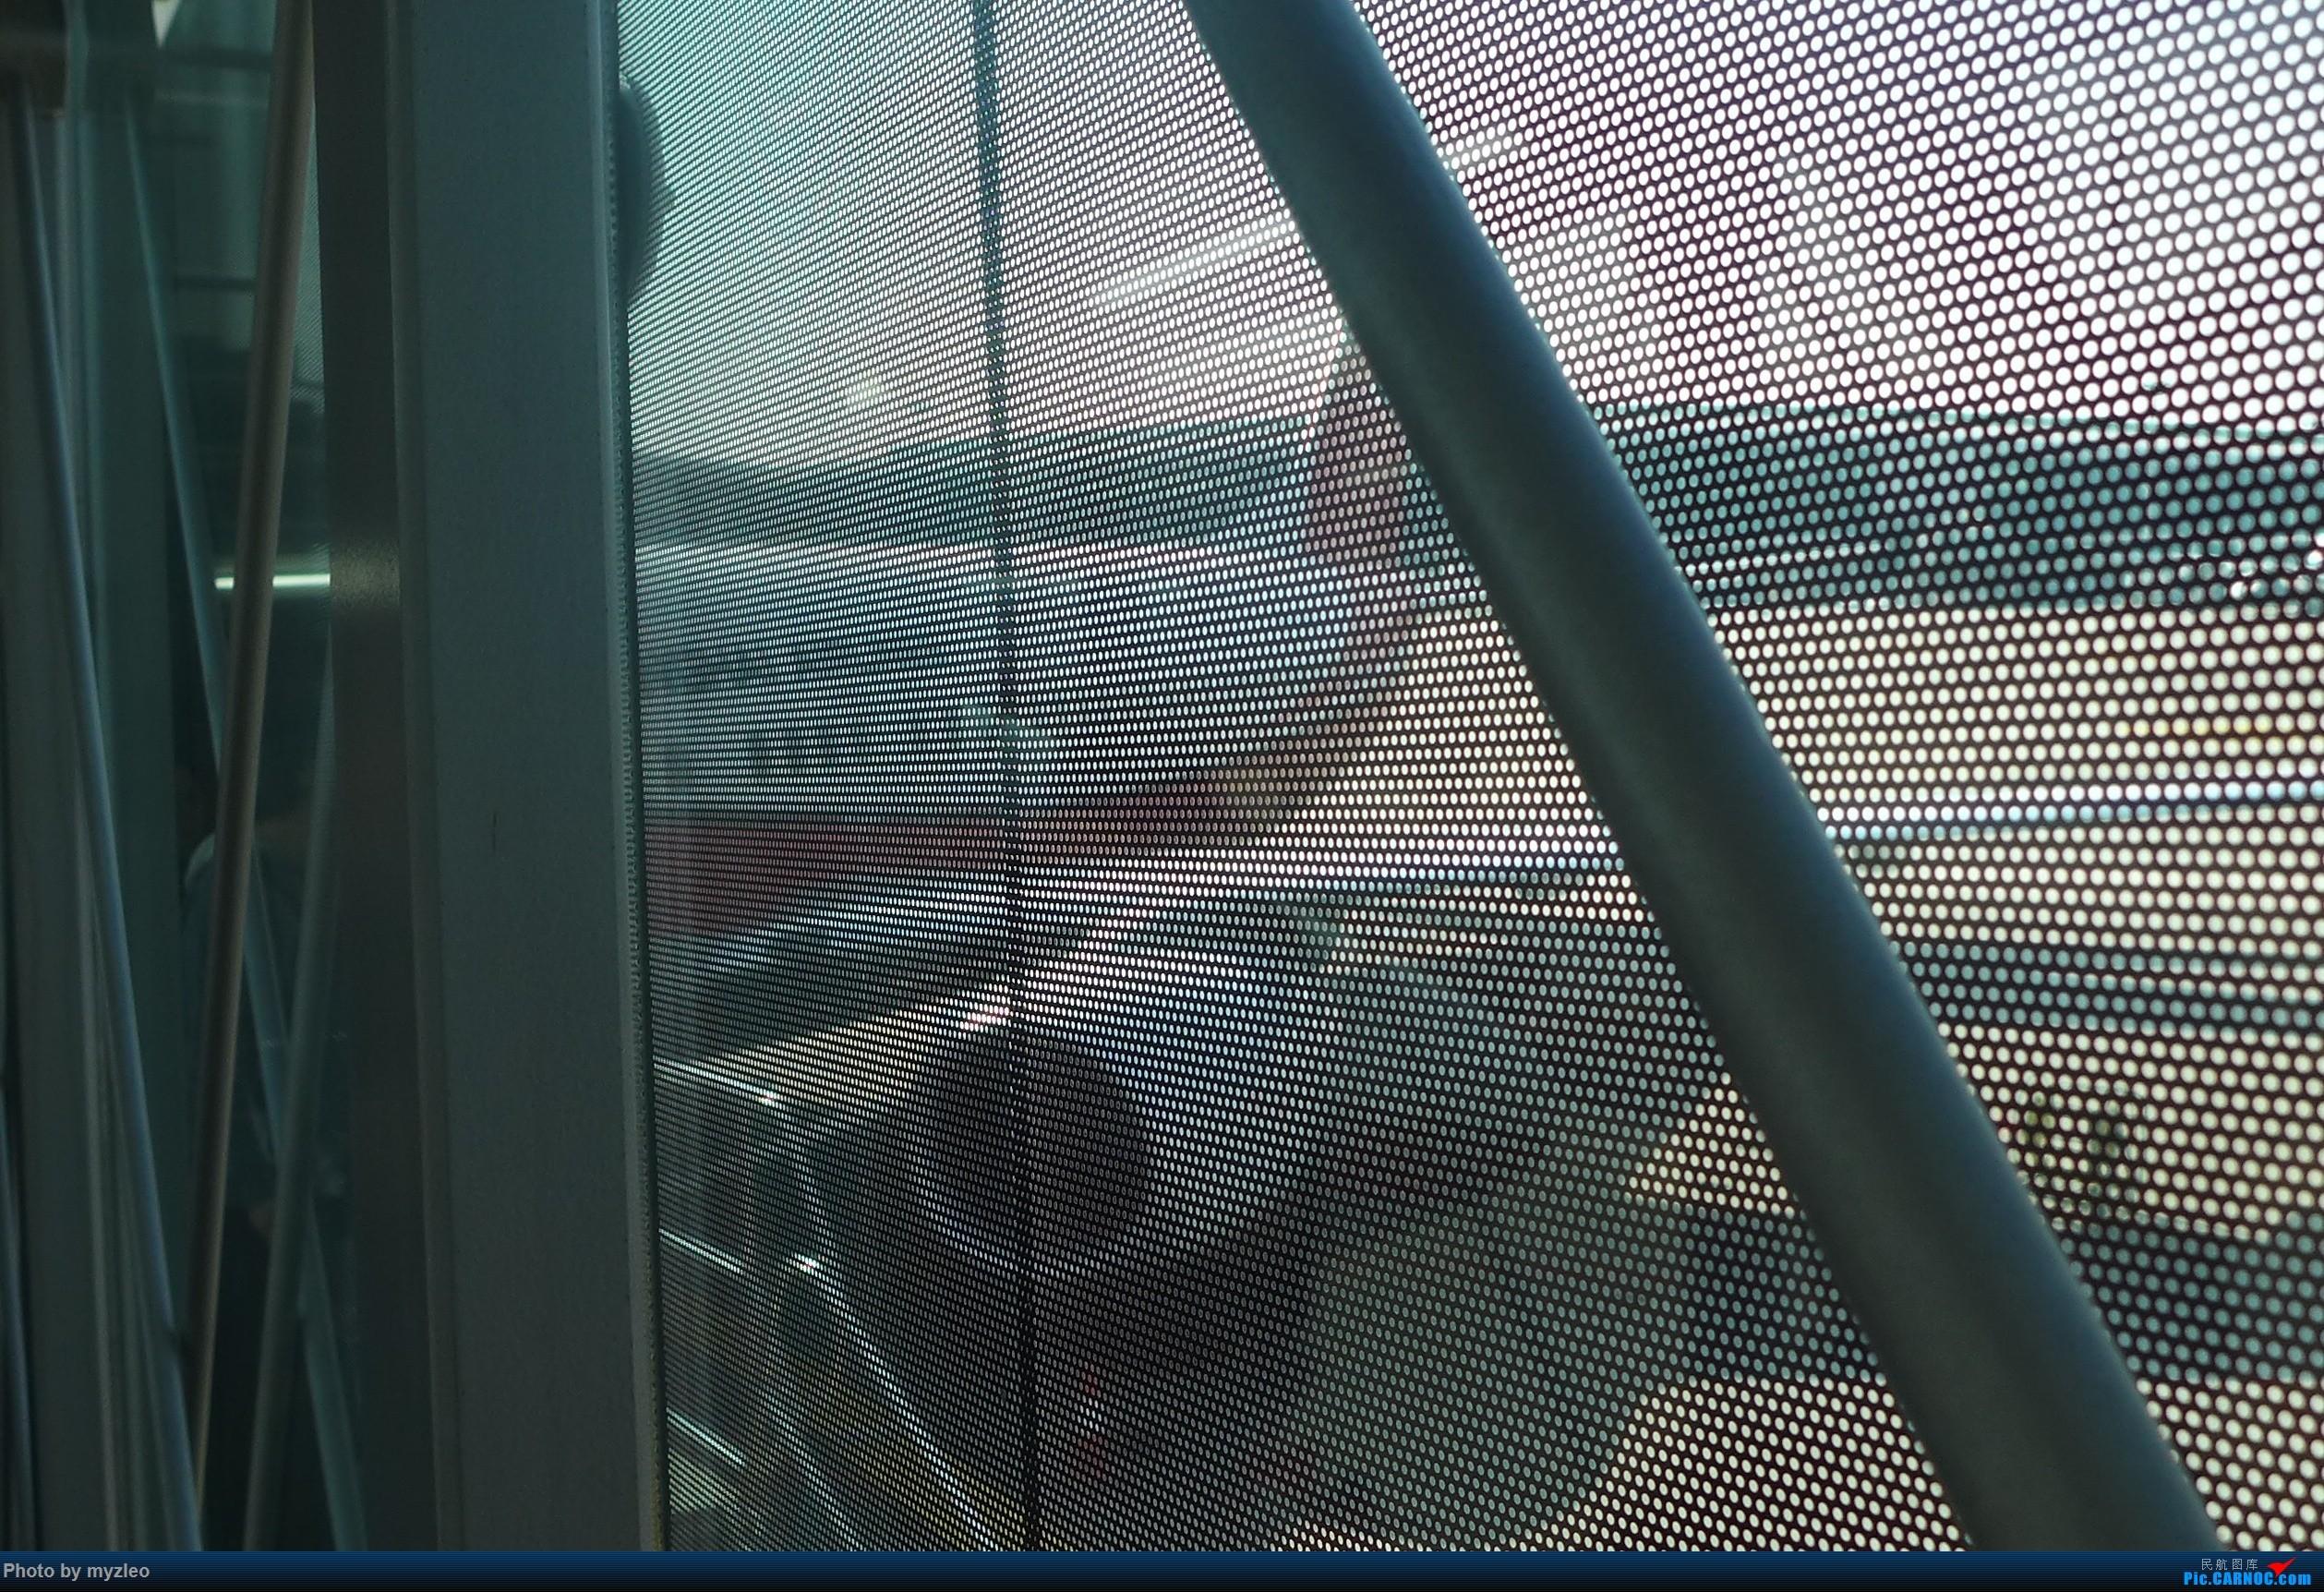 Re:[原创]【myzleo的游记1】六天五晚广州行——SHA-CAN上航商务舱初体验+广州城内 BOEING 737-800 B-1452 中国广州白云国际机场